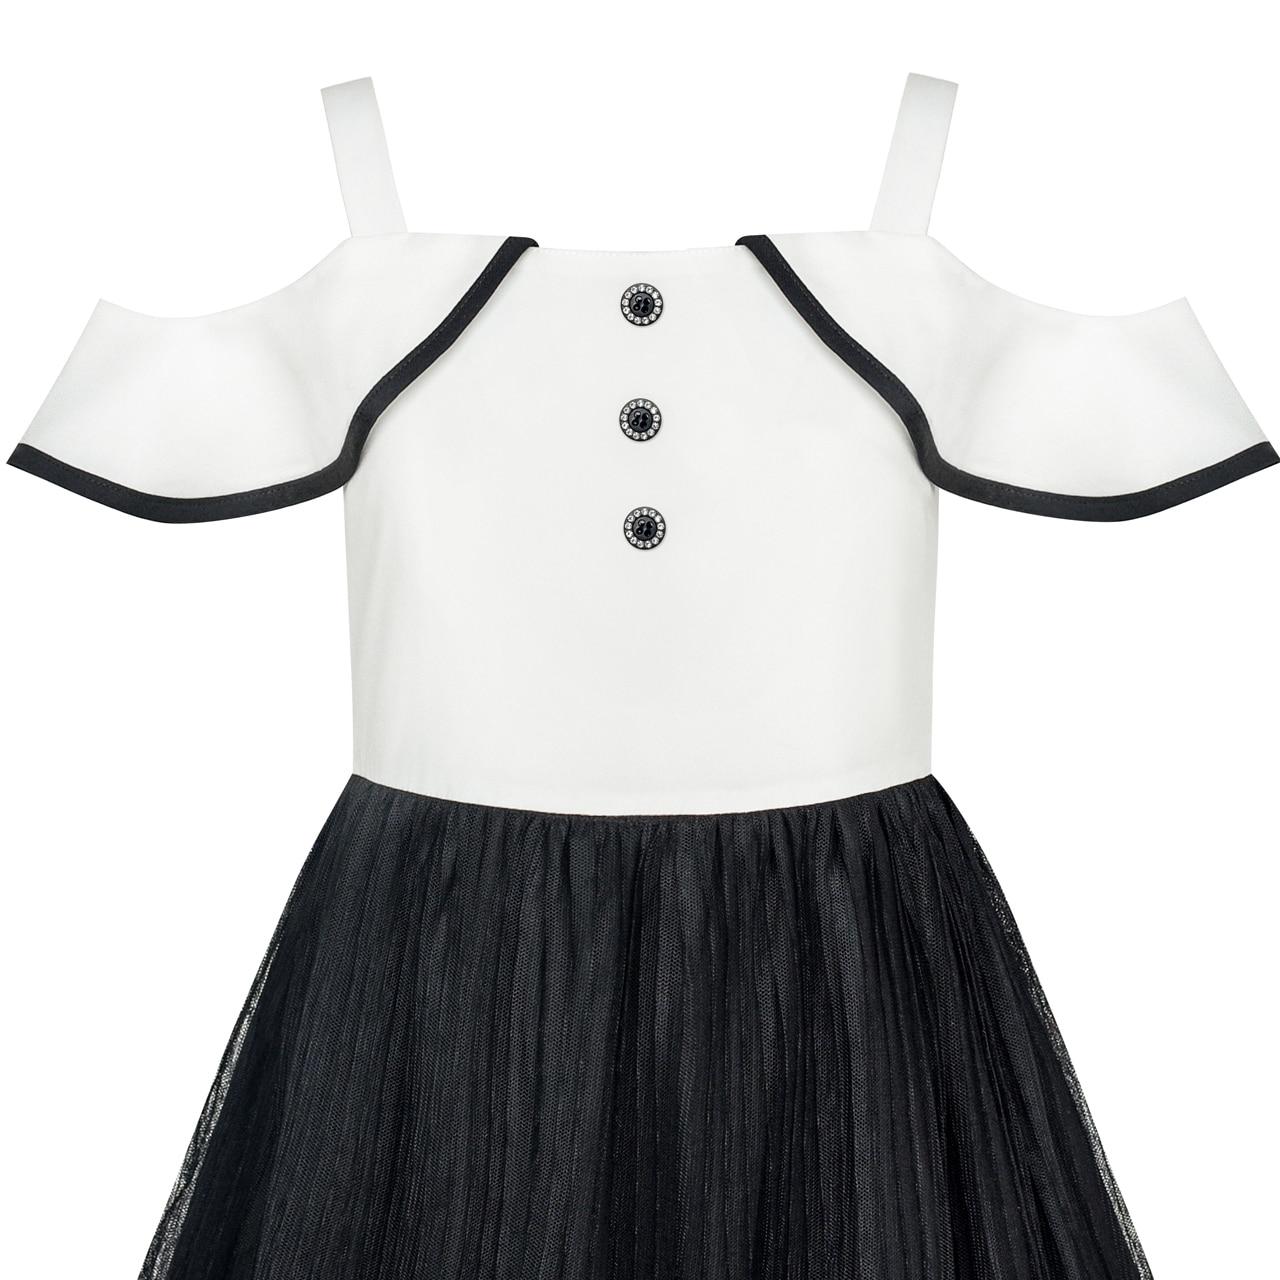 8b69ff12438d7 Sunny Fashion Robe Fille blanc Et Noir Mousseline de soie Dentelle Accueil  froid dans Robes de Mère et Enfants sur AliExpress.com | Alibaba Group